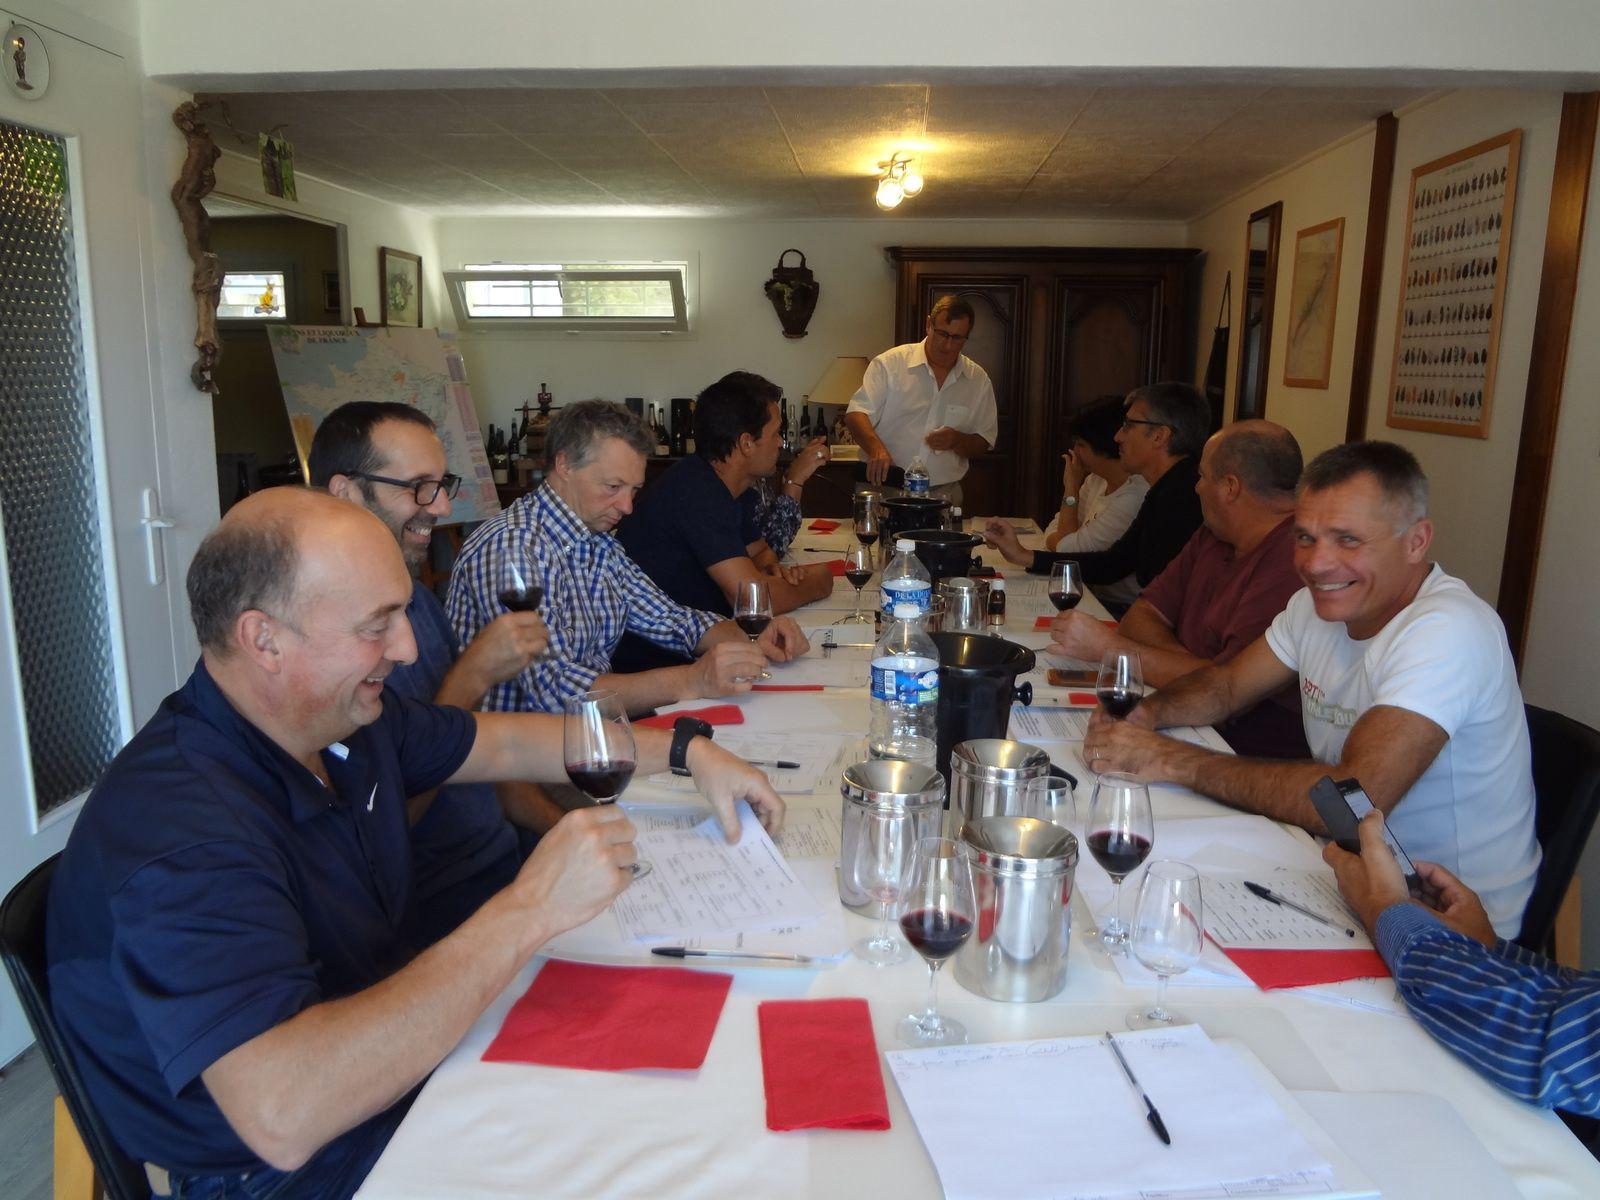 VINO PASSION, Journée d'initiation à la dégustation et découverte des vins à Moidieu(38).